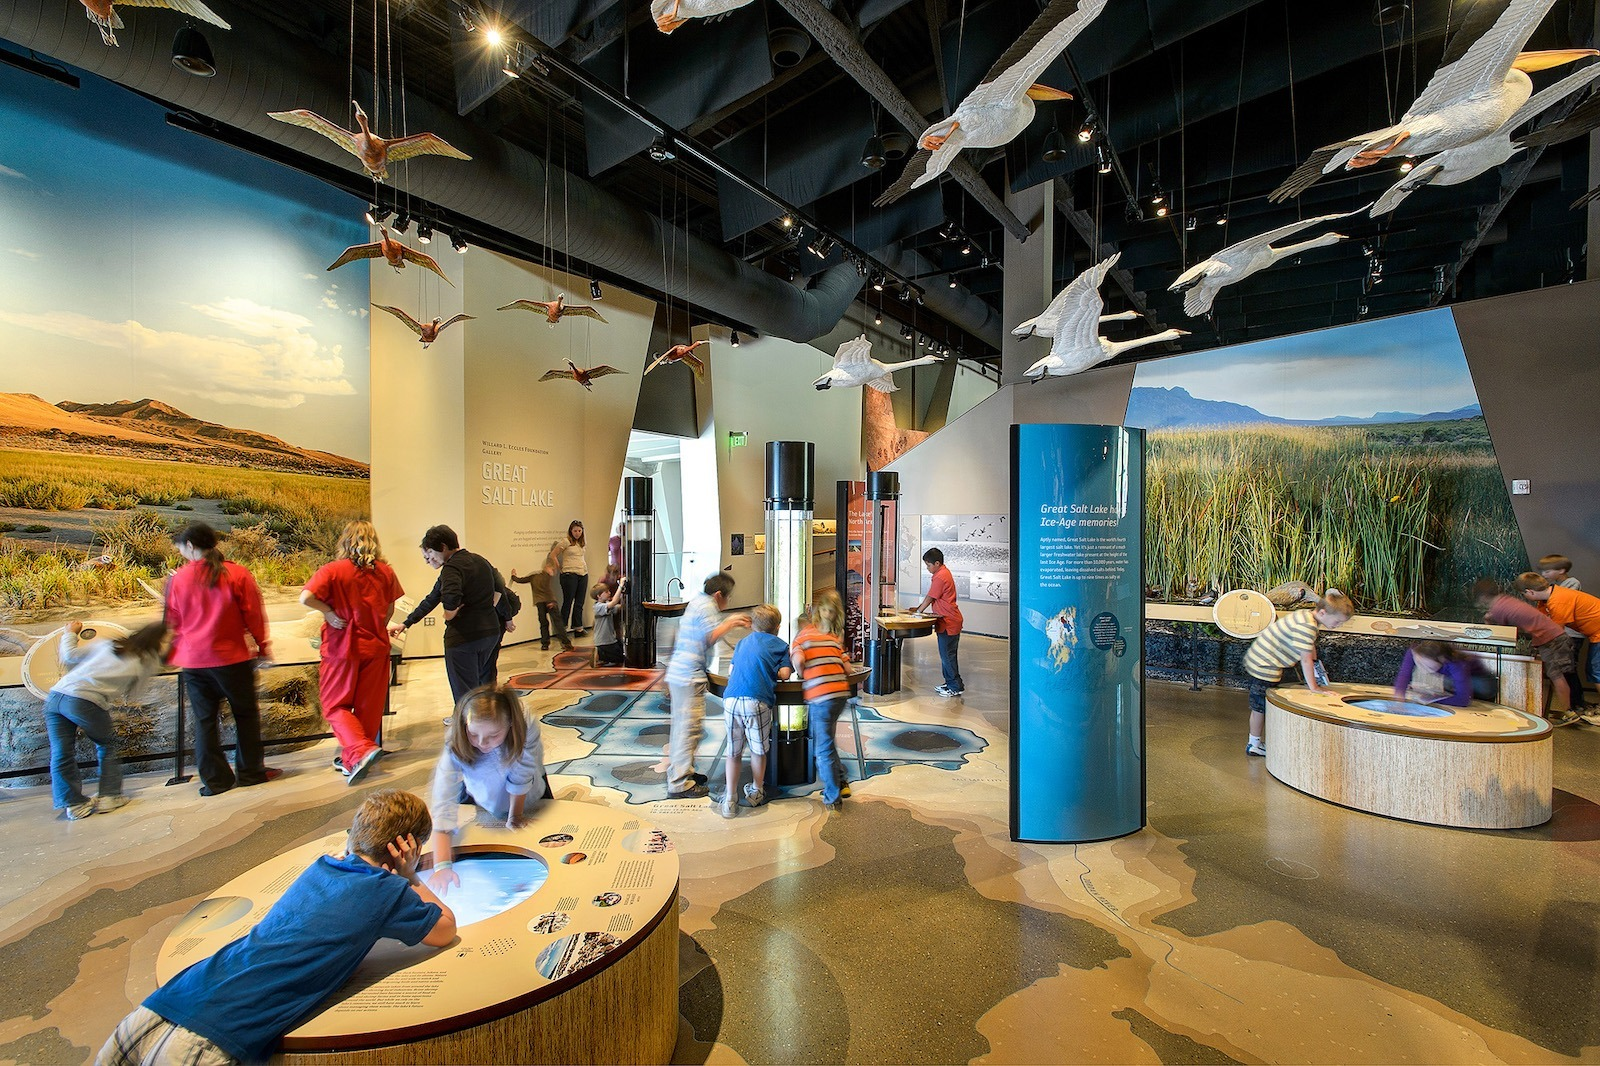 The Great Salt Lake Exhibit at the Natural History Museum of Utah in Salt Lake City